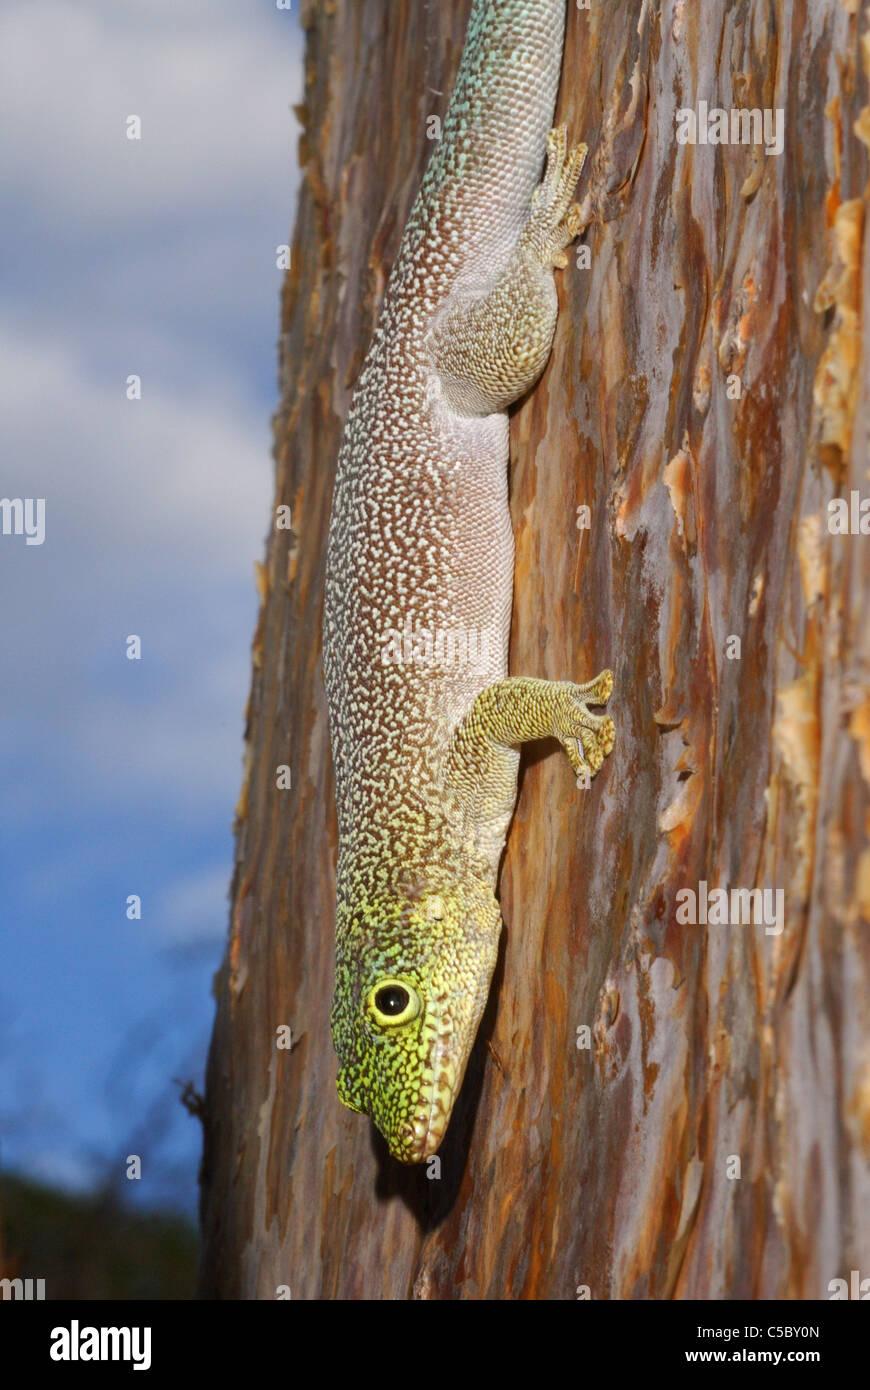 Standings Taggecko (Phelsuma Standingi) in der stacheligen Kaktus Wald von Reniala Nature Reserve, Ifaty, westlichen Stockbild